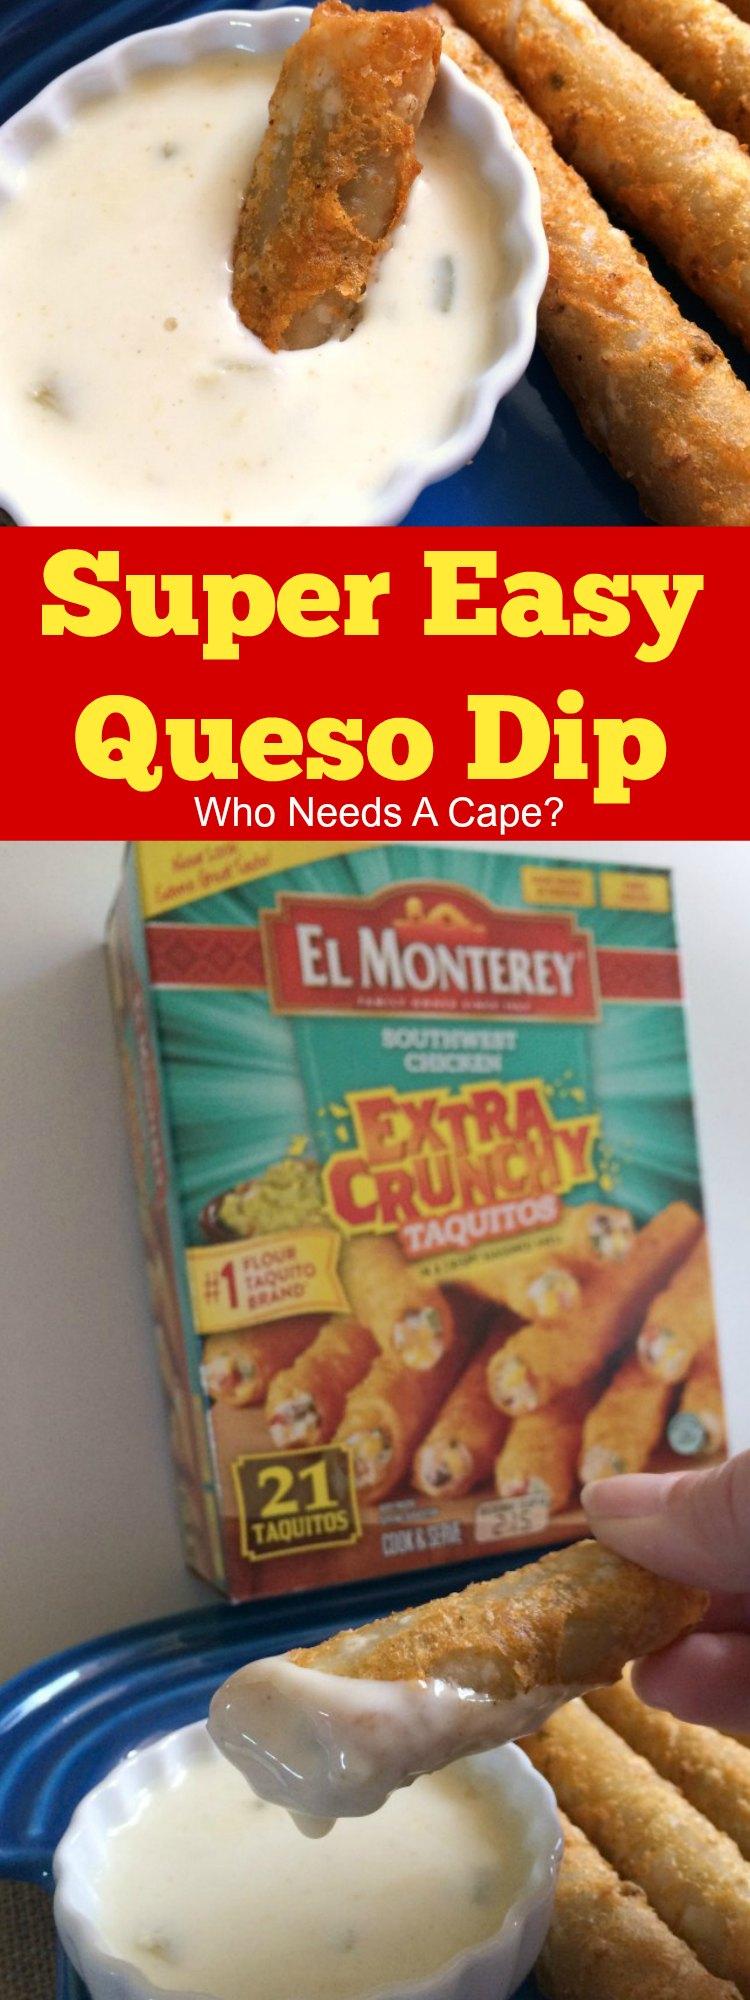 http://whoneedsacape.com/2015/05/super-easy-queso-dip/